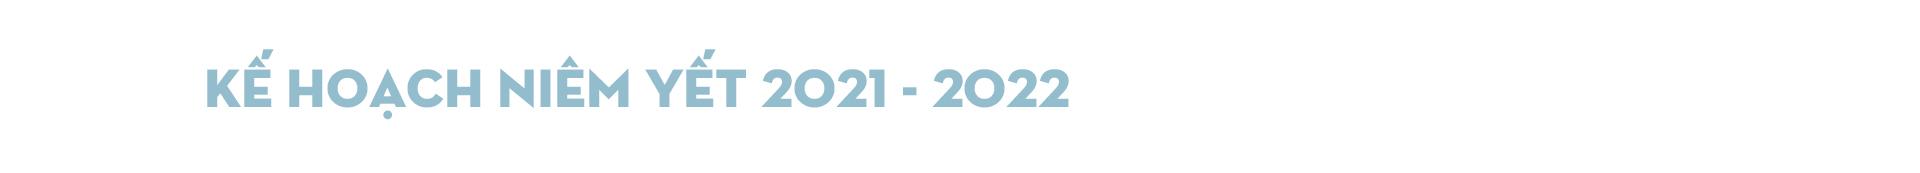 CEO Thắng Lợi Group: Vượt qua Covid-19 bằng cách đối mặt, dự kiến niêm yết HoSE giai đoạn 2021 - 2022 - Ảnh 7.